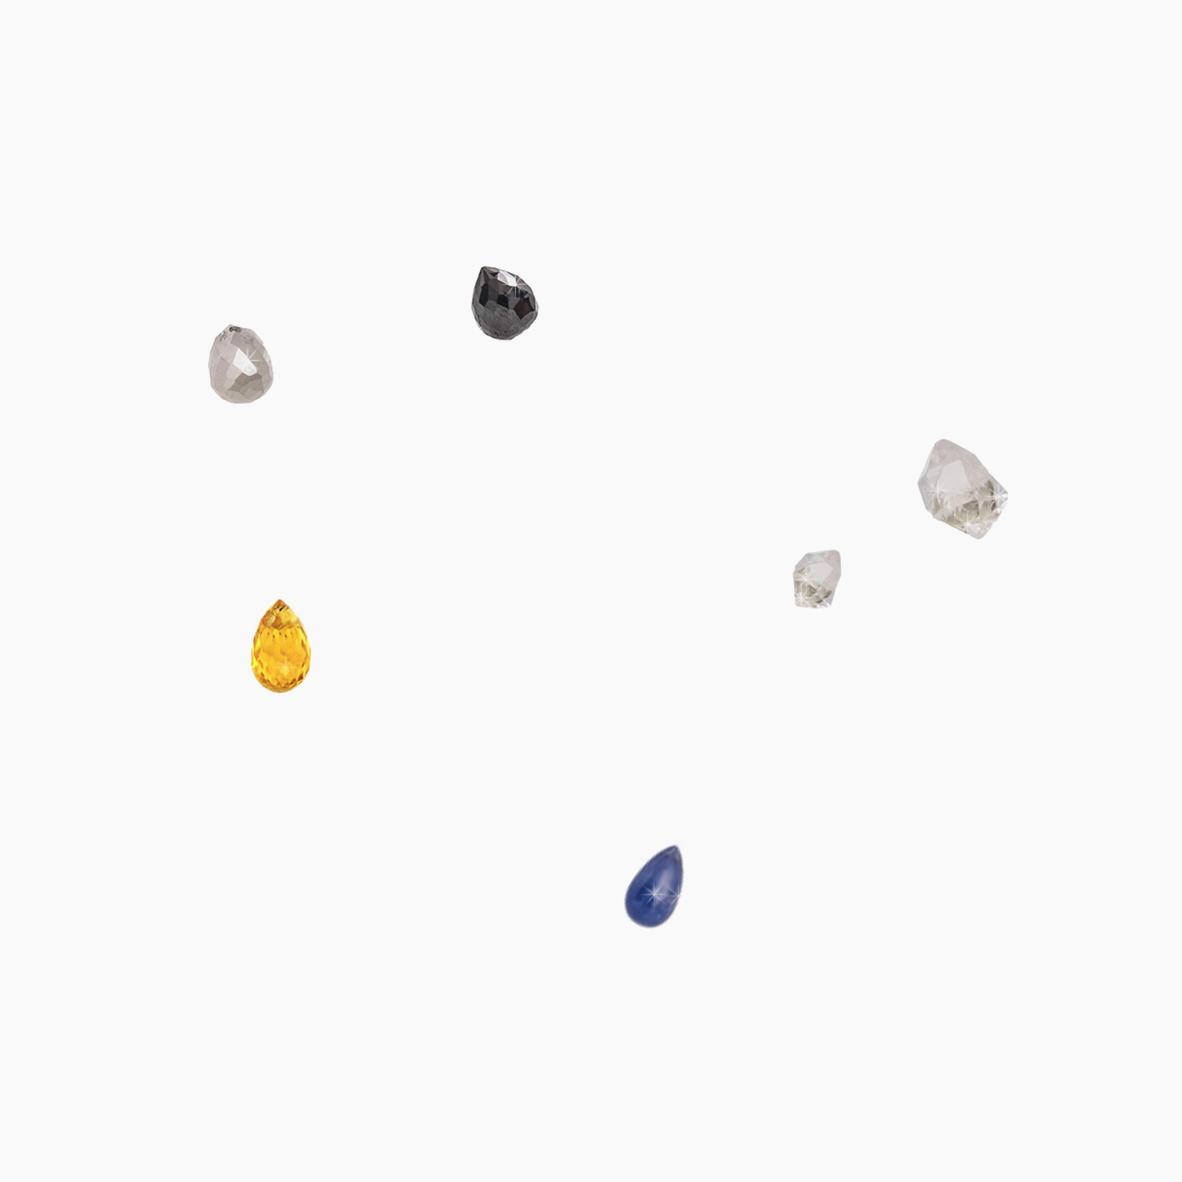 """Black Diamond   The following is placeholder text known as """"lorem ipsum,"""" which is scrambled Latin used by designers to mimic real copy. Fusce at massa nec sapien auctor gravida in in tellus. Maecenas non leo laoreet, condimentum lorem nec, vulputate massa. Aliquam bibendum, turpis eu mattis iaculis, ex lorem mollis sem, ut sollicitudin risus orci quis tellus. Mauris egestas at nibh nec finibus."""